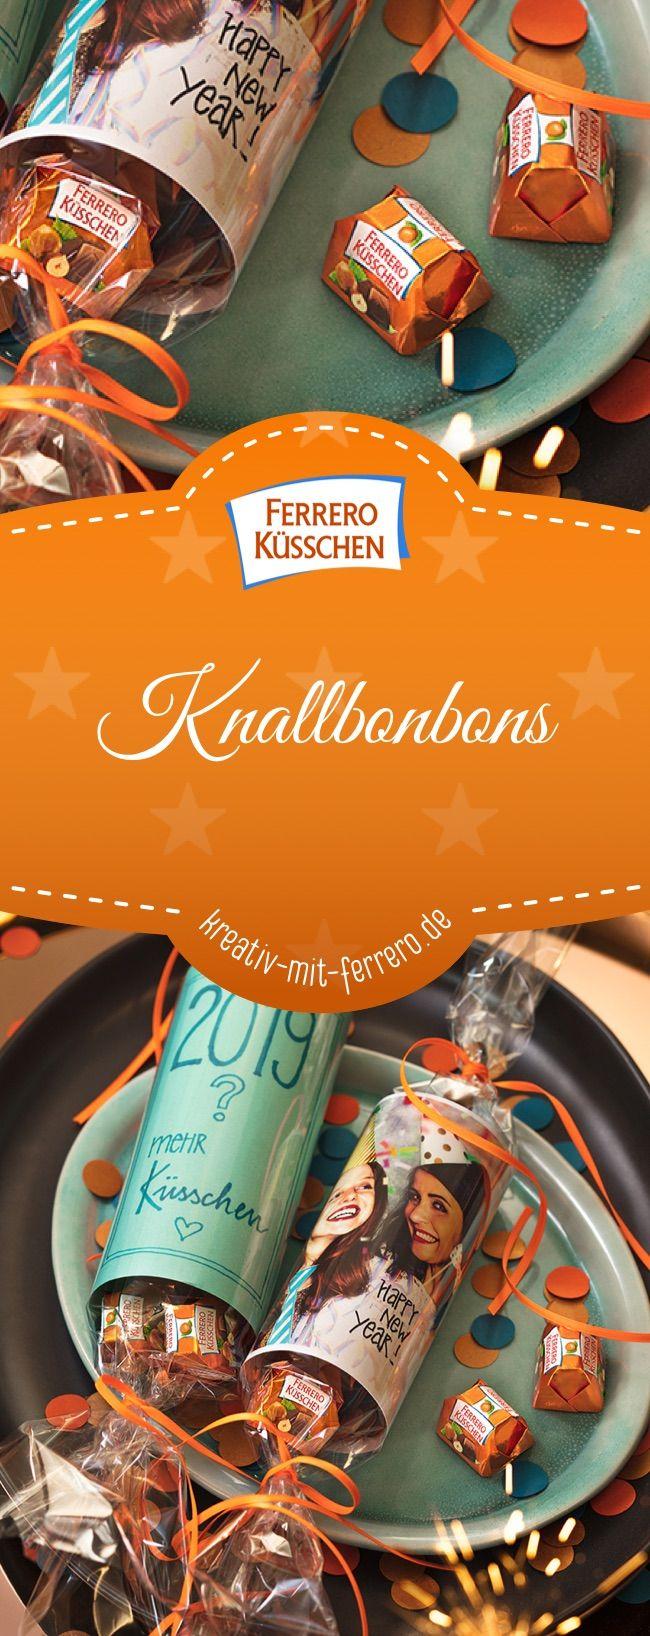 Knallbonbons: Süße Knallbonbons für einen besonderen Jahreswechsel #diy #silvester #ferreroküsschen